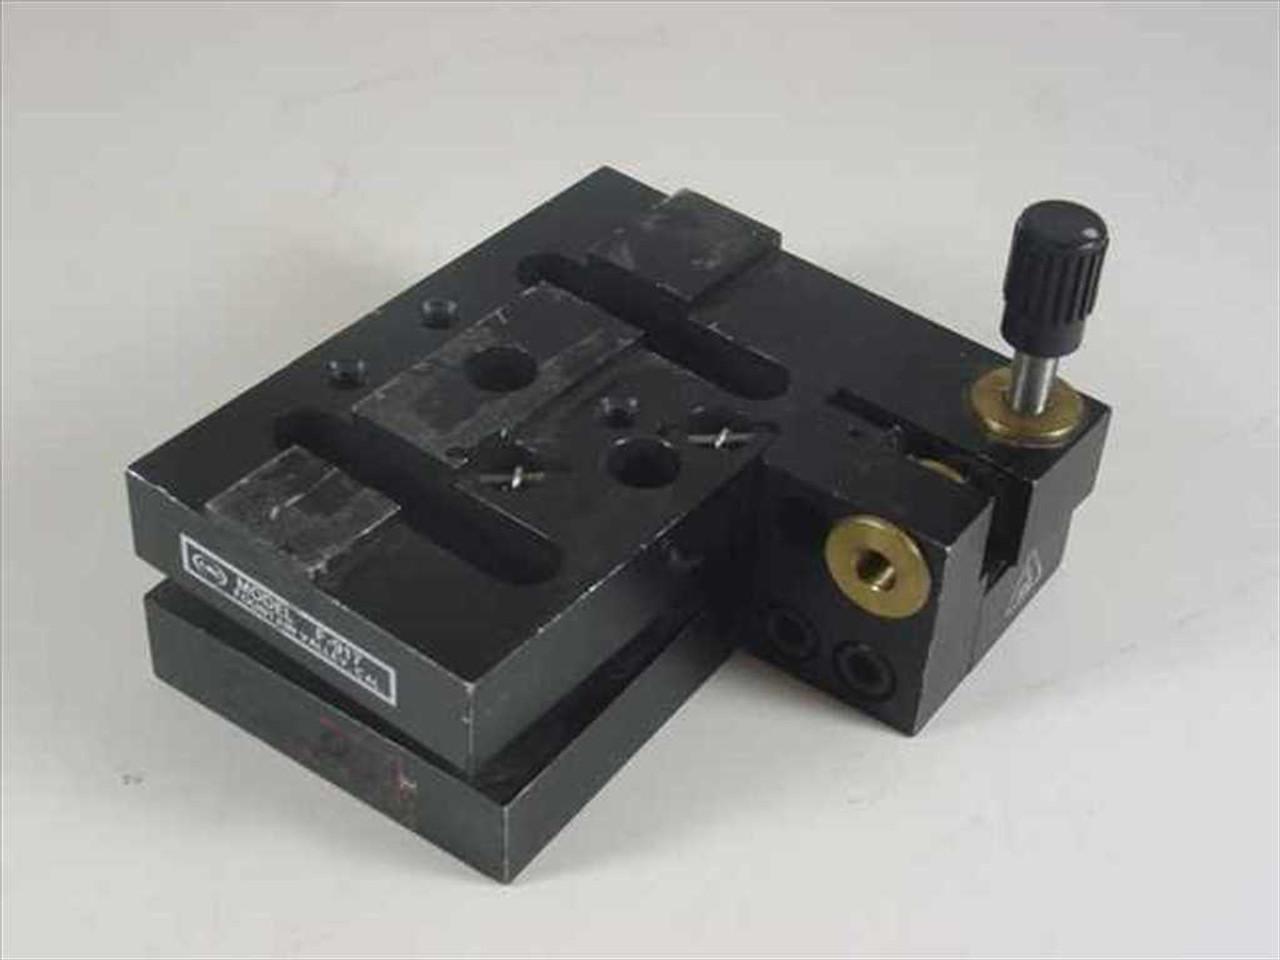 Safewaze FS814 18 D-Ring Extender with Rebar Hook Pack of 3 pcs